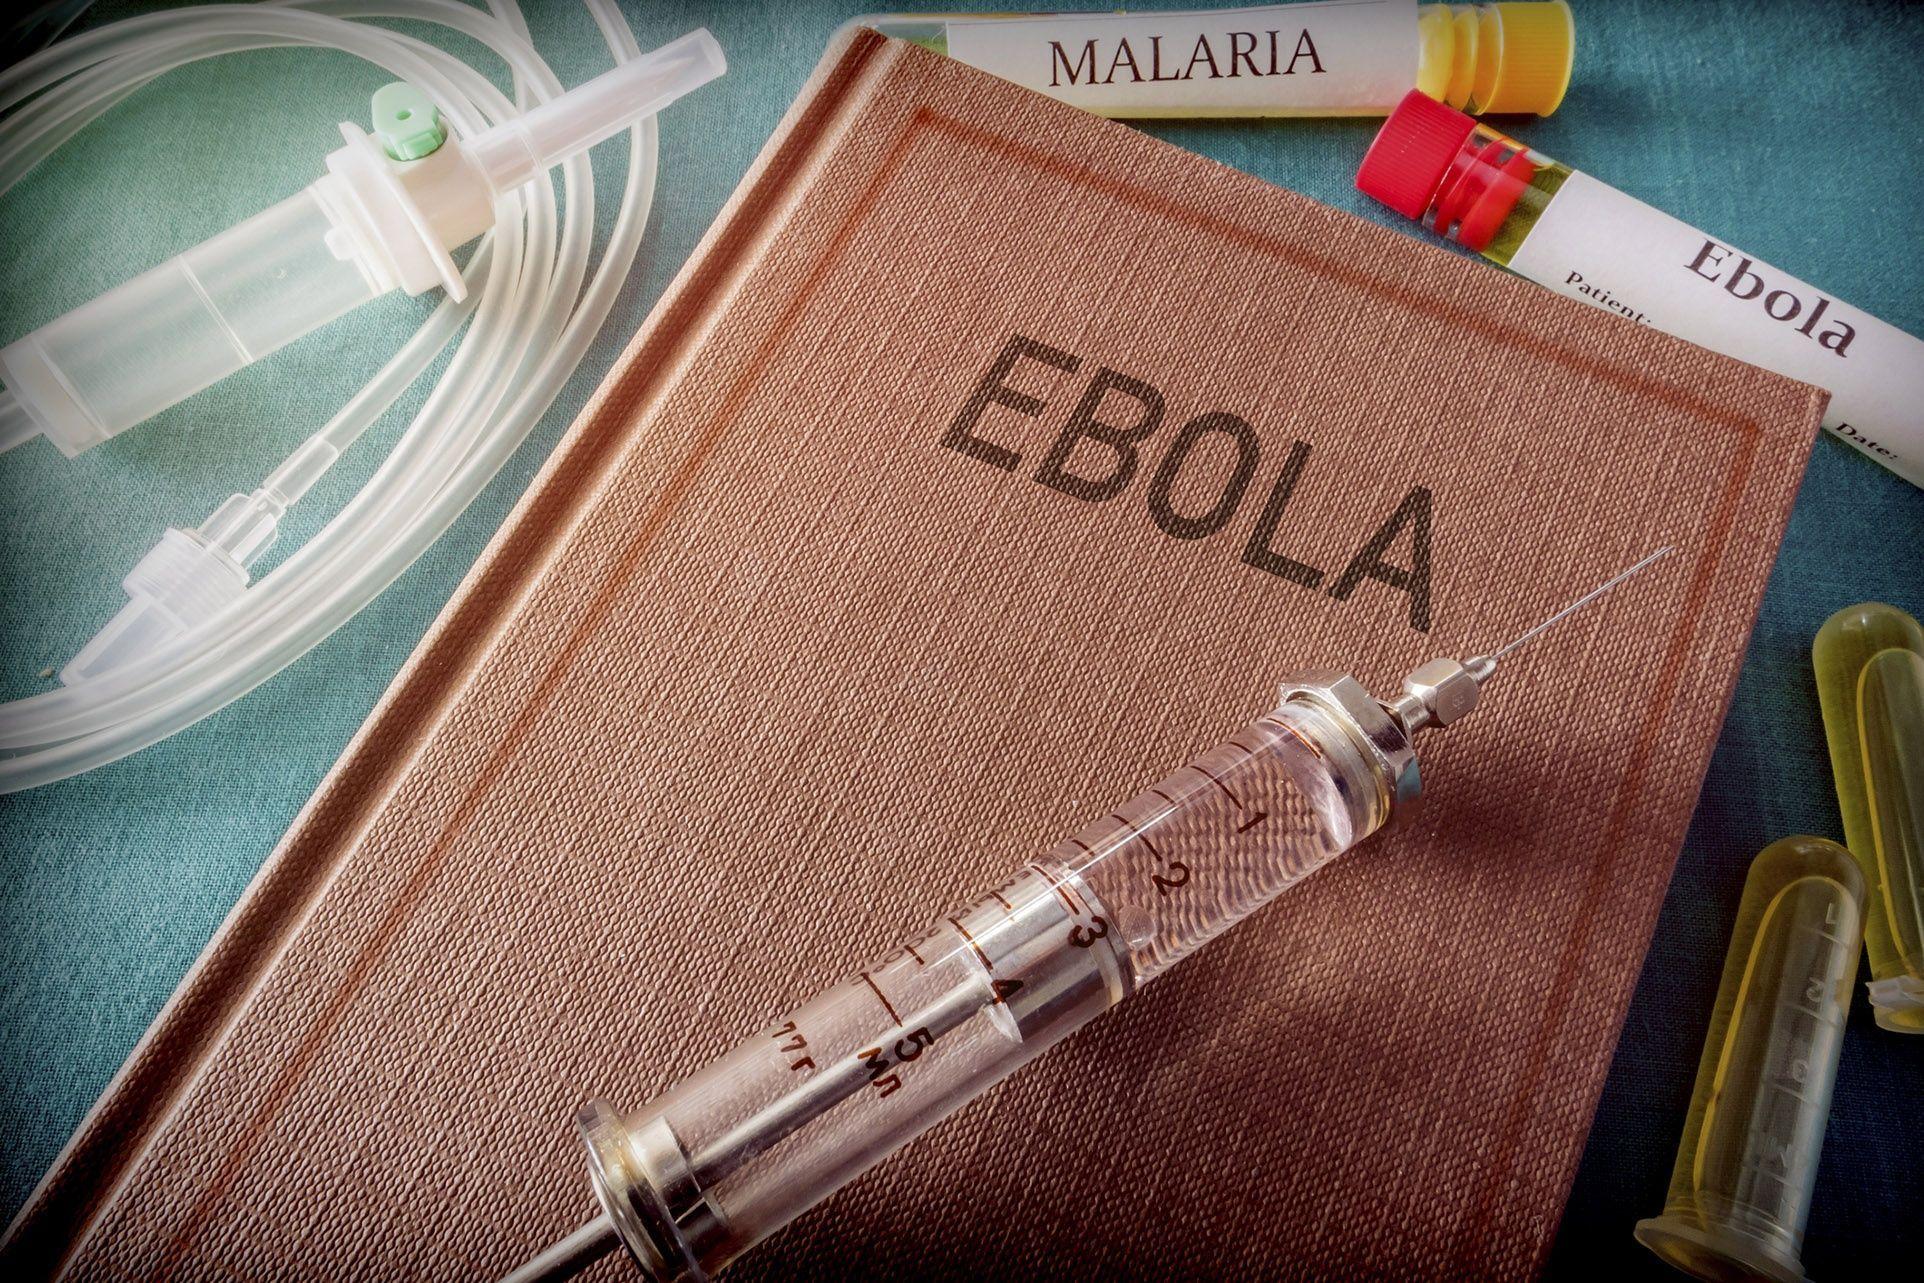 Ouganda: essai d'un vaccin expérimental contre Ebola - Doctissimo